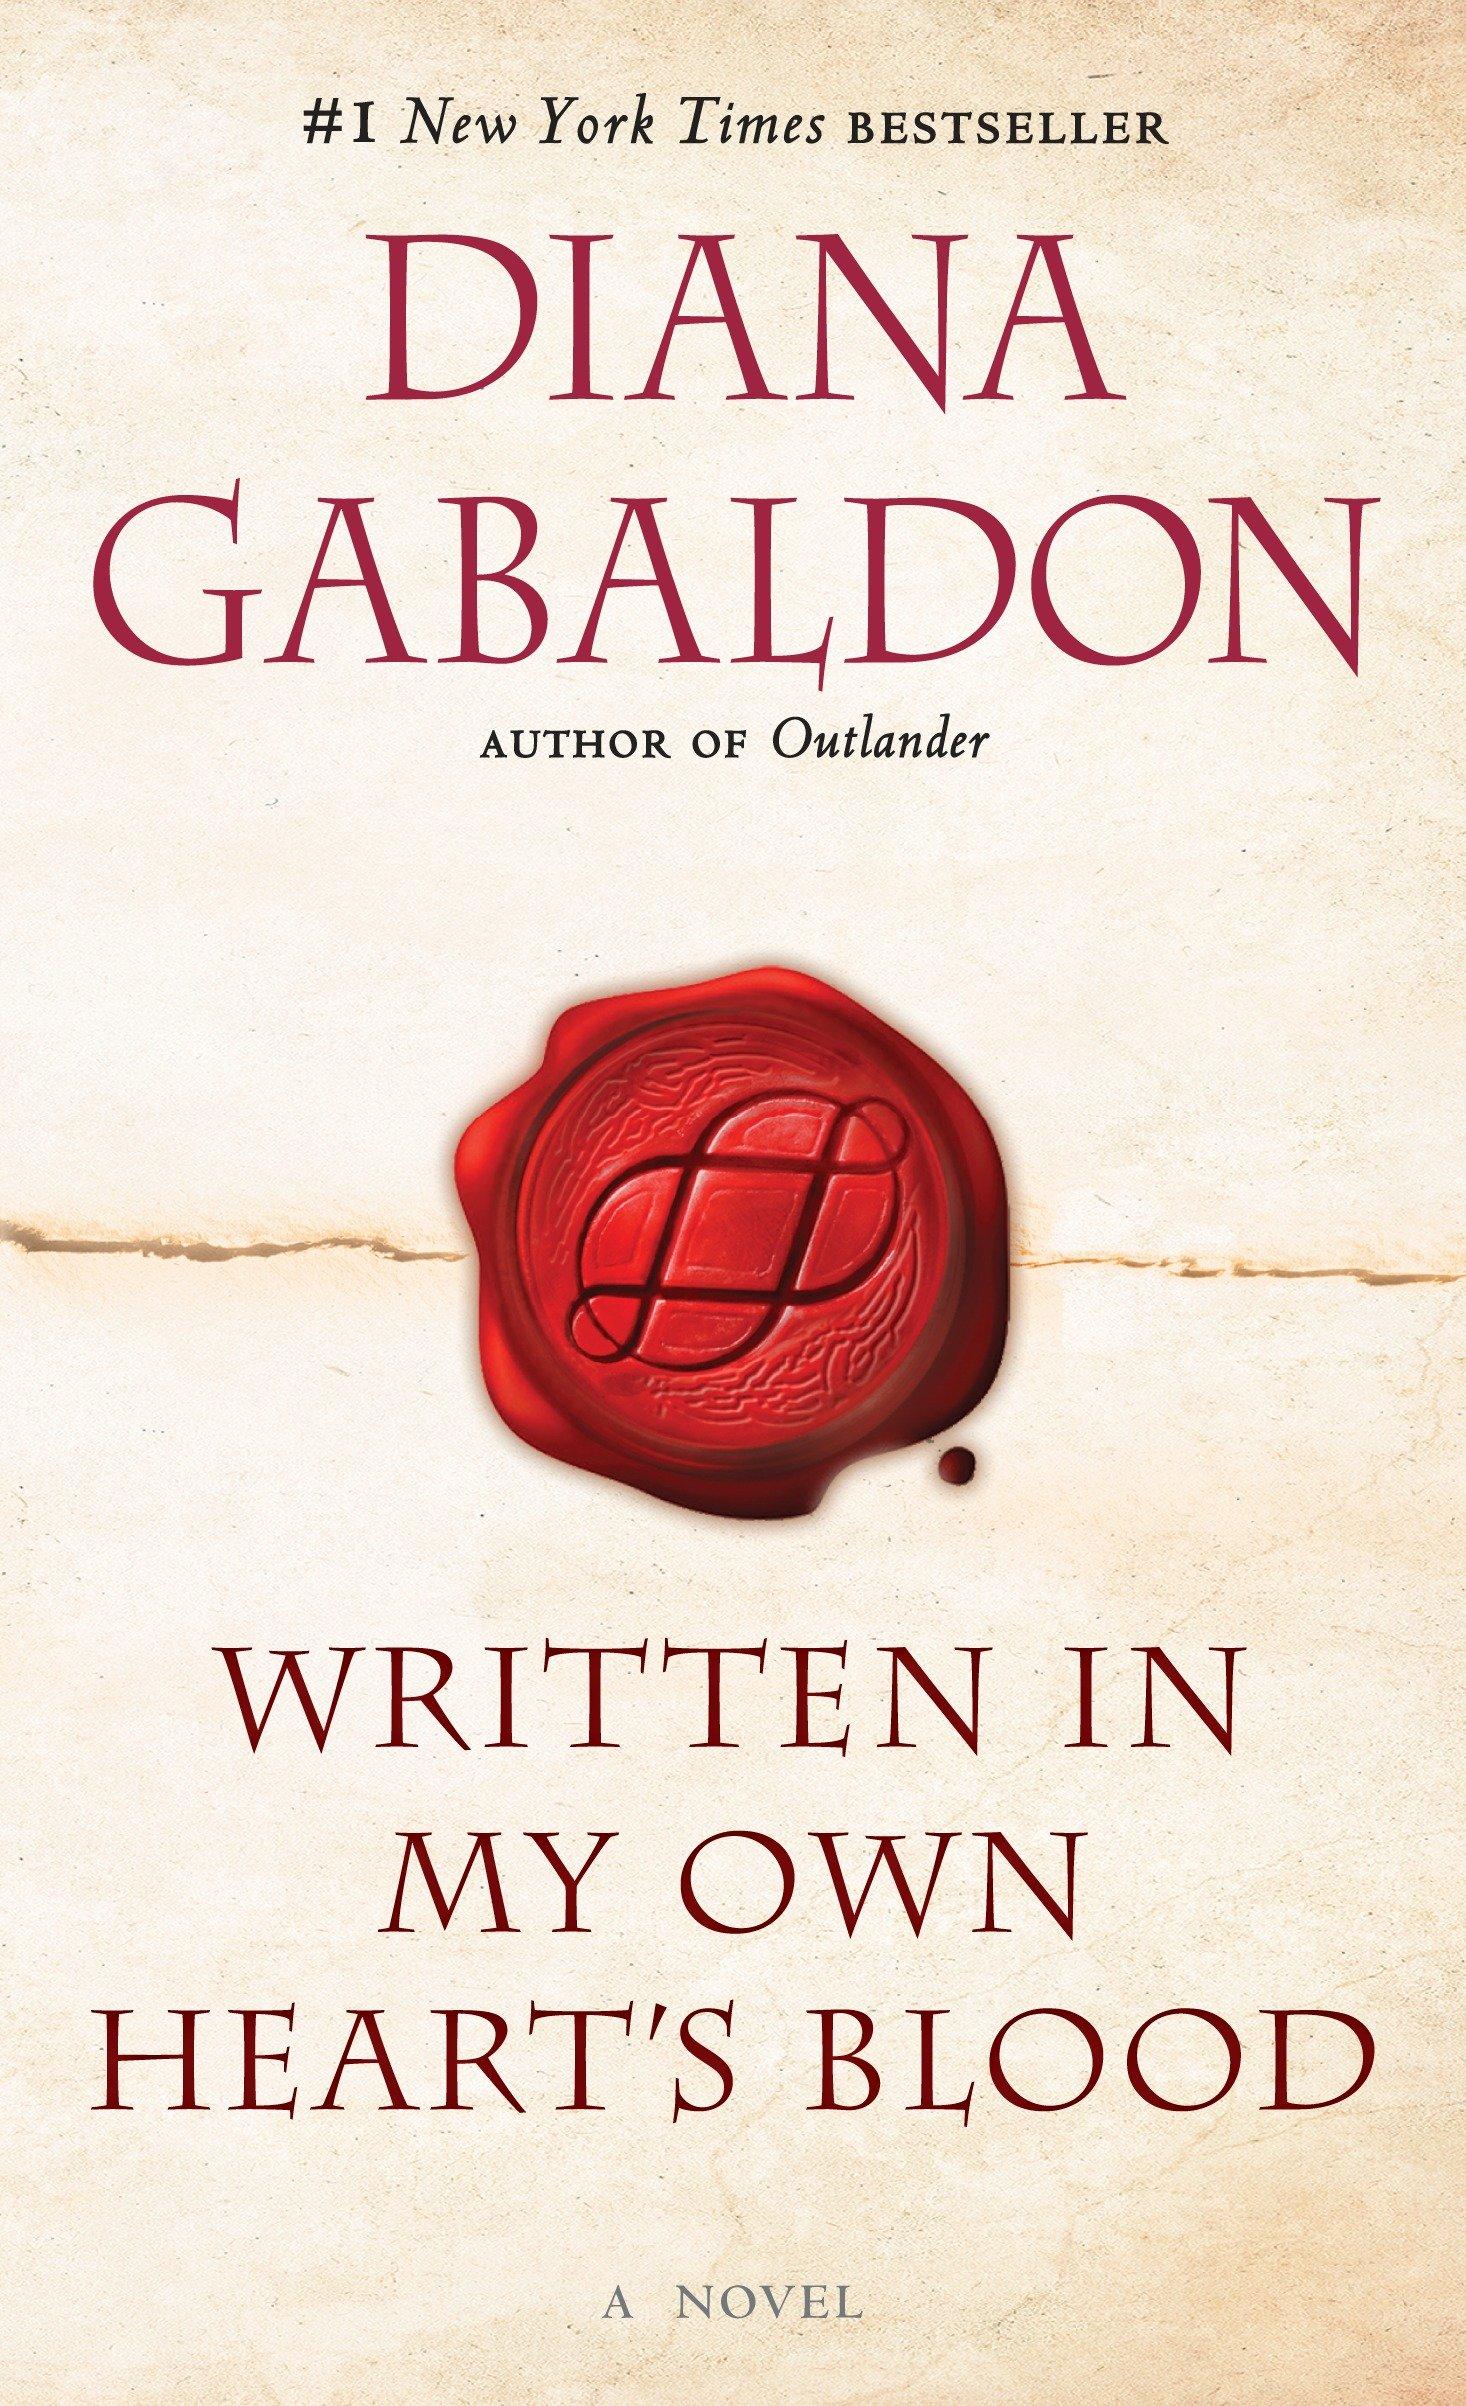 Written in My Own Heart's Blood A Novel